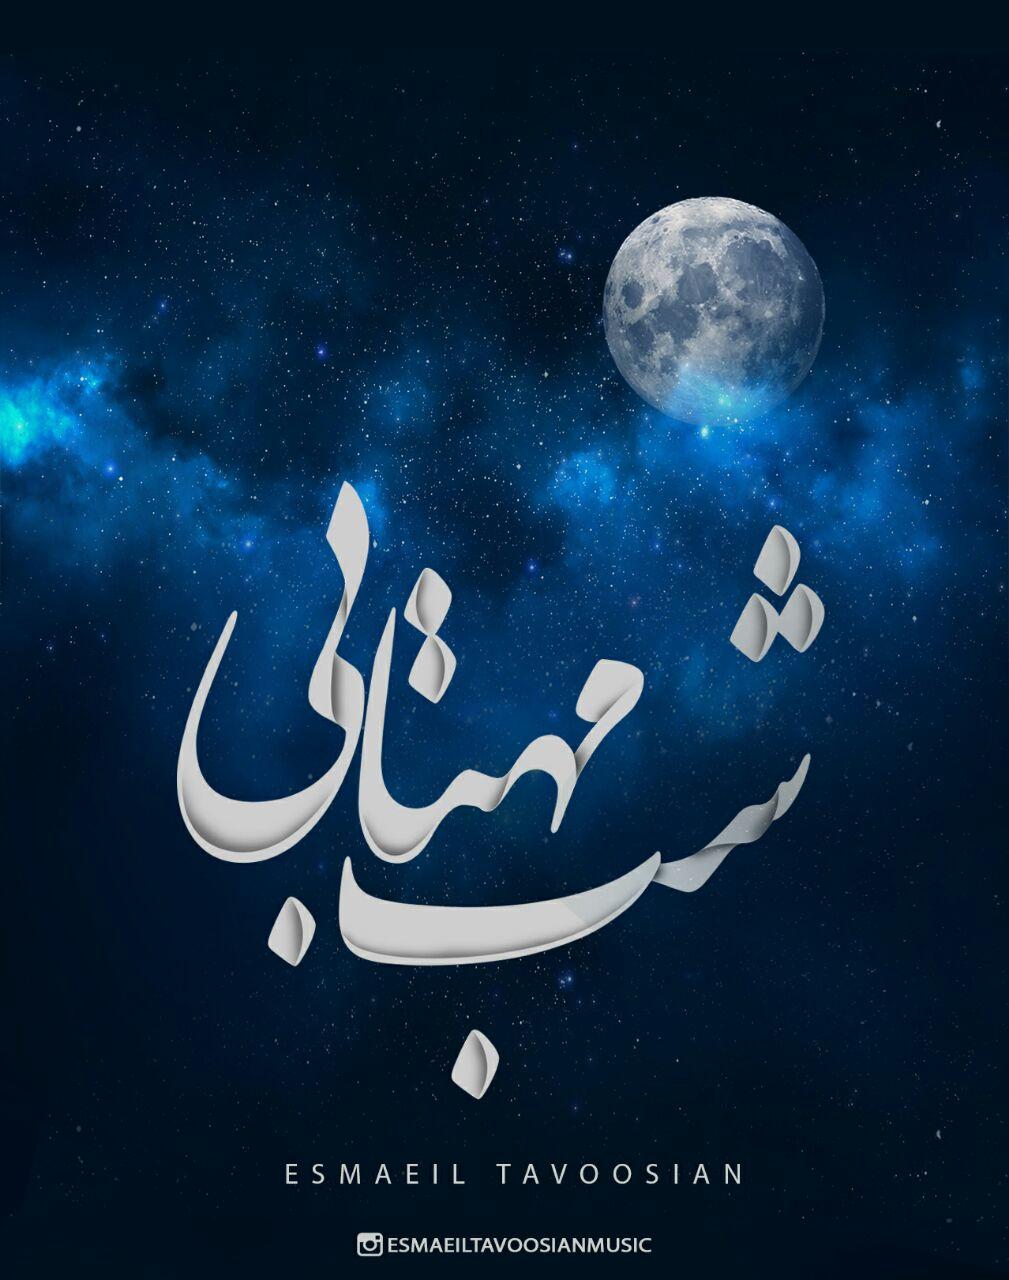 دانلود بیت زیبای شب مهتابی از اسماعیل طاووسیان